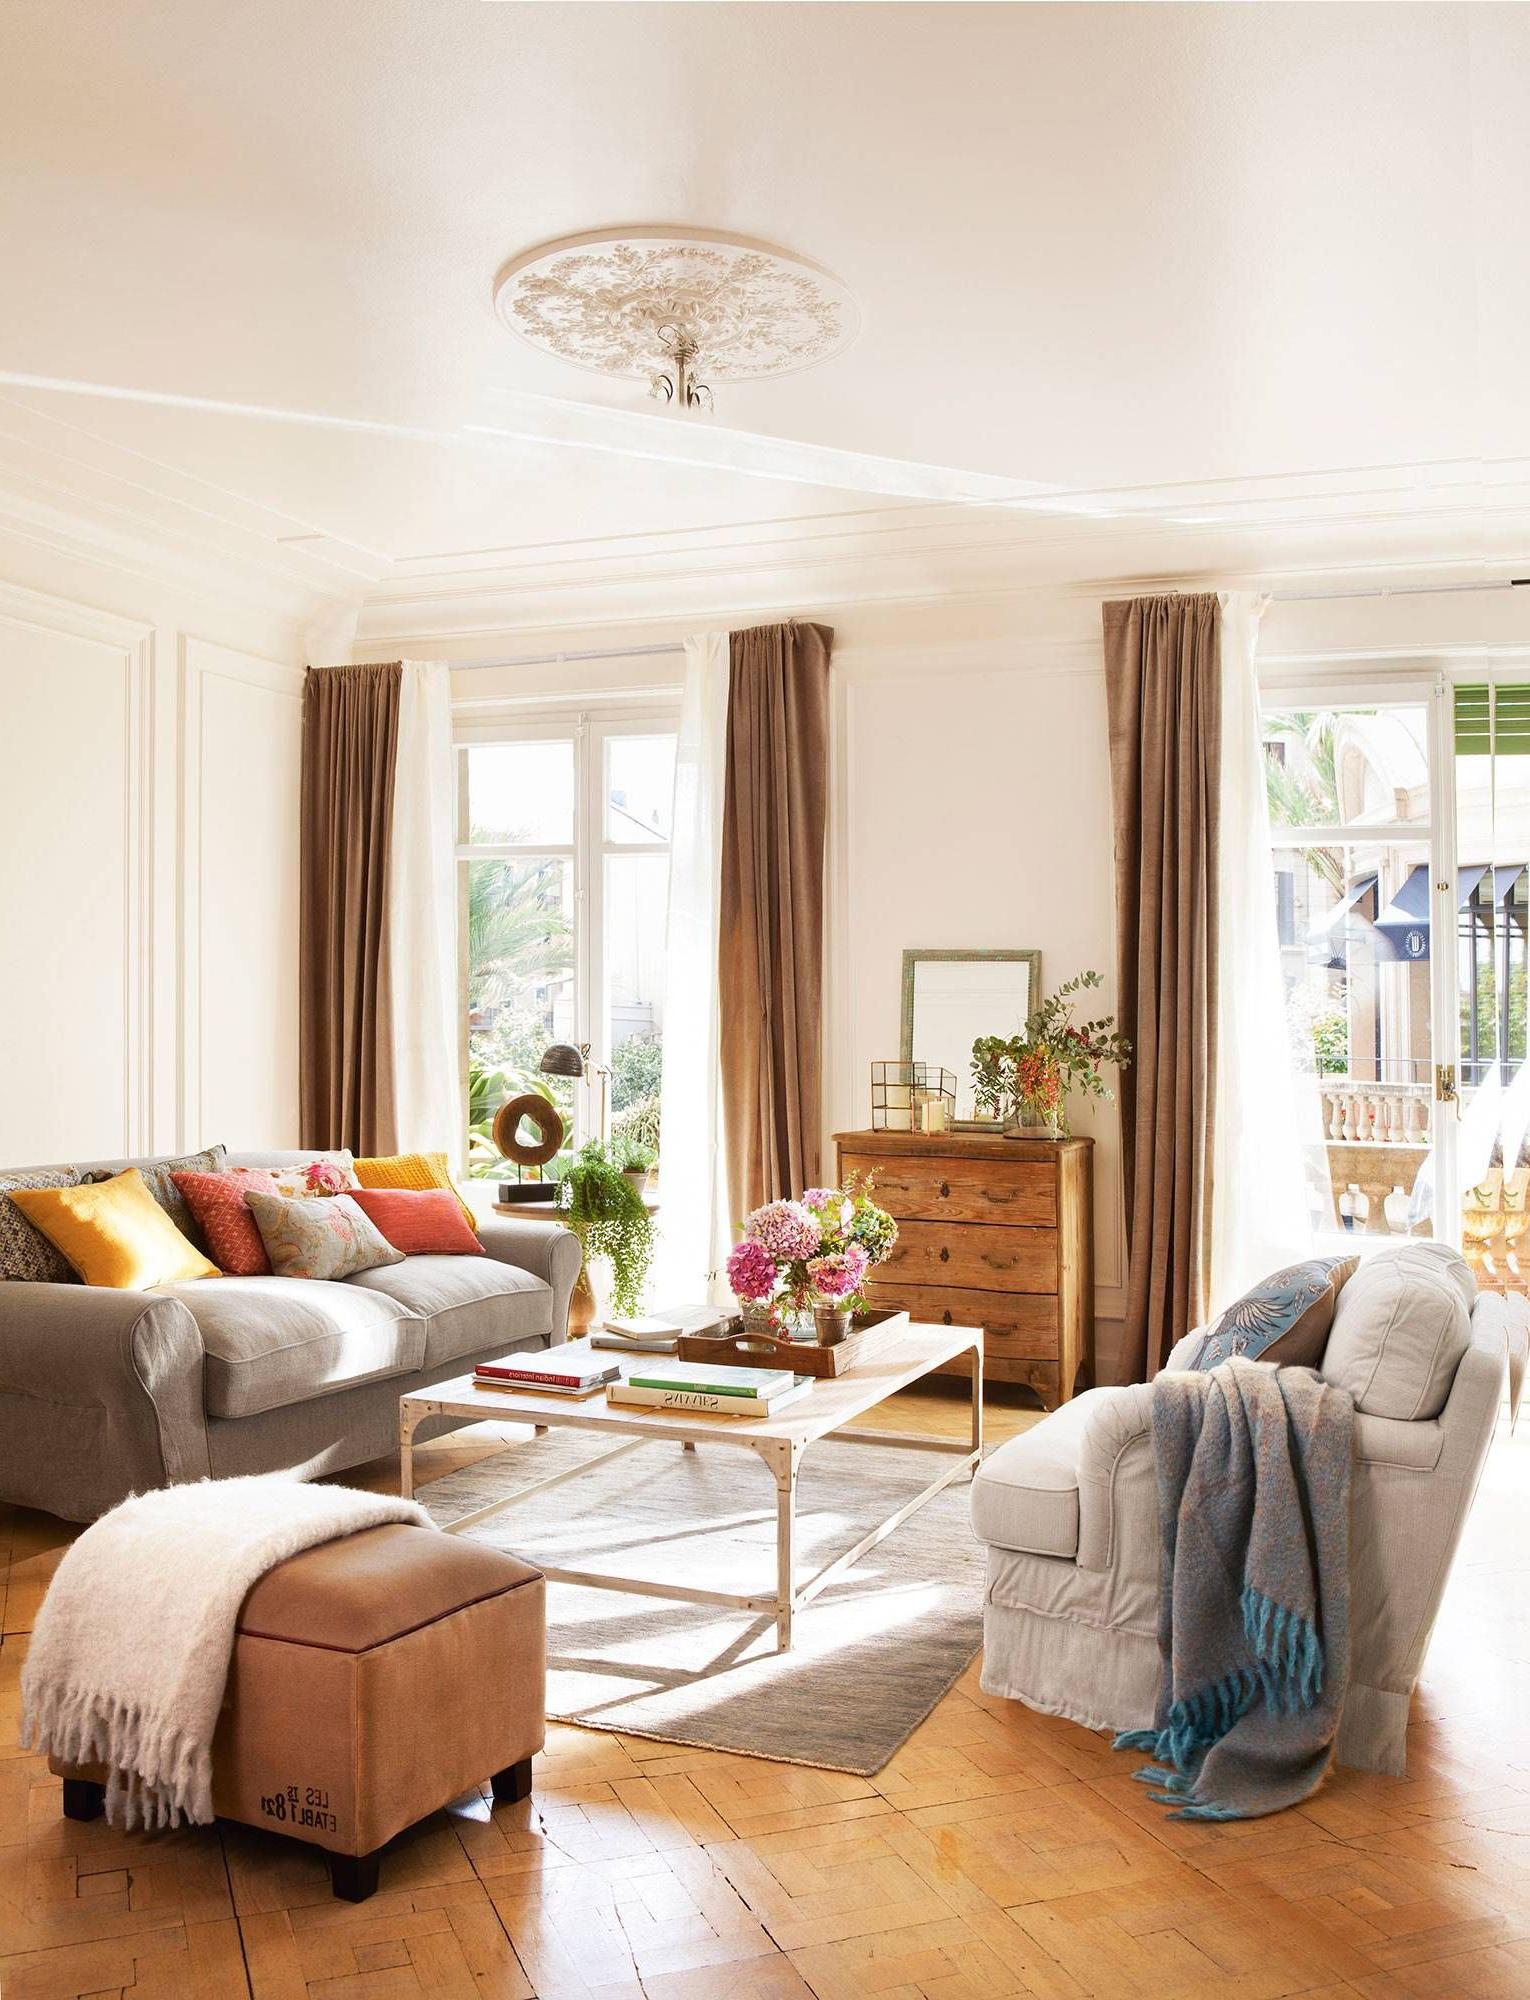 El Mueble Cortinas Drdp Doble Cortina Doble Elegancia Casa El Dean Home Brown